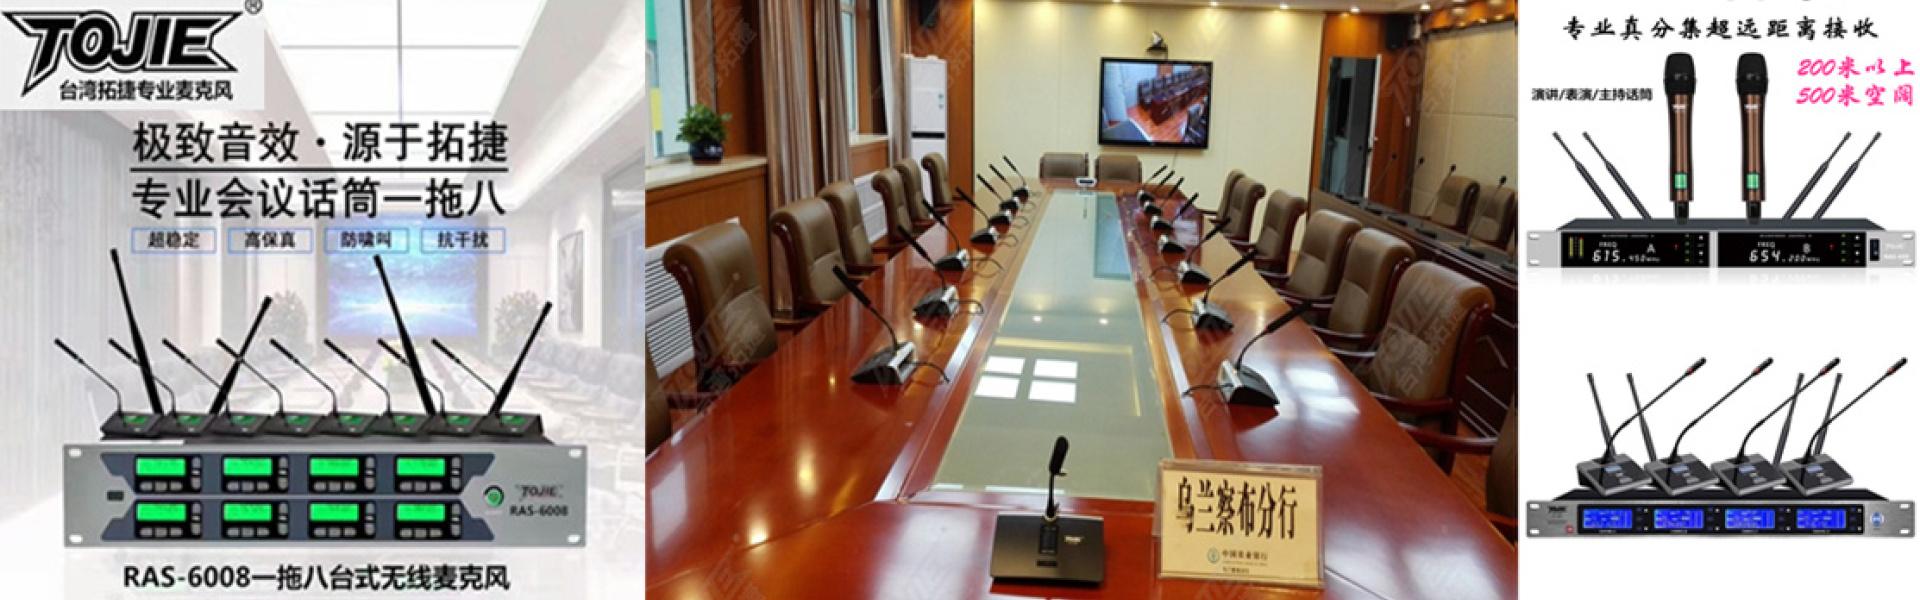 台湾拓捷TOJIE无线麦克风,拓捷TOJIE会议系统,台湾拓捷西安分公司,台湾TOJIE麦克风厂家